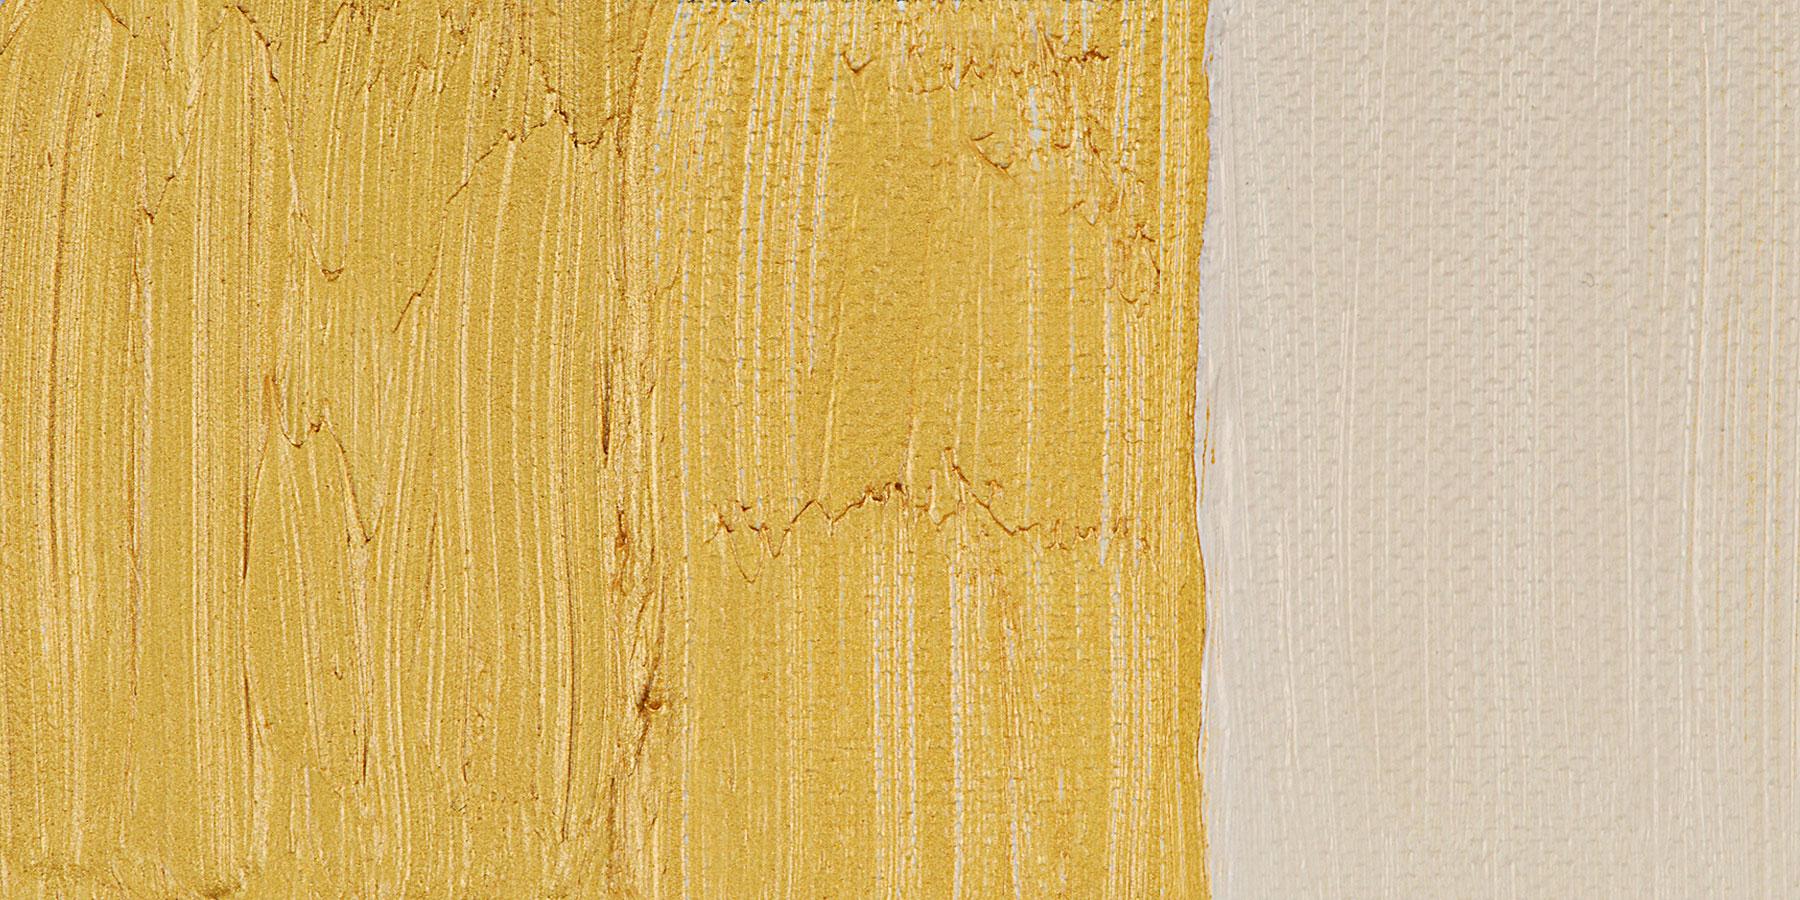 01558 9124 Maimeri Classico Oil Colors Blick Art Materials